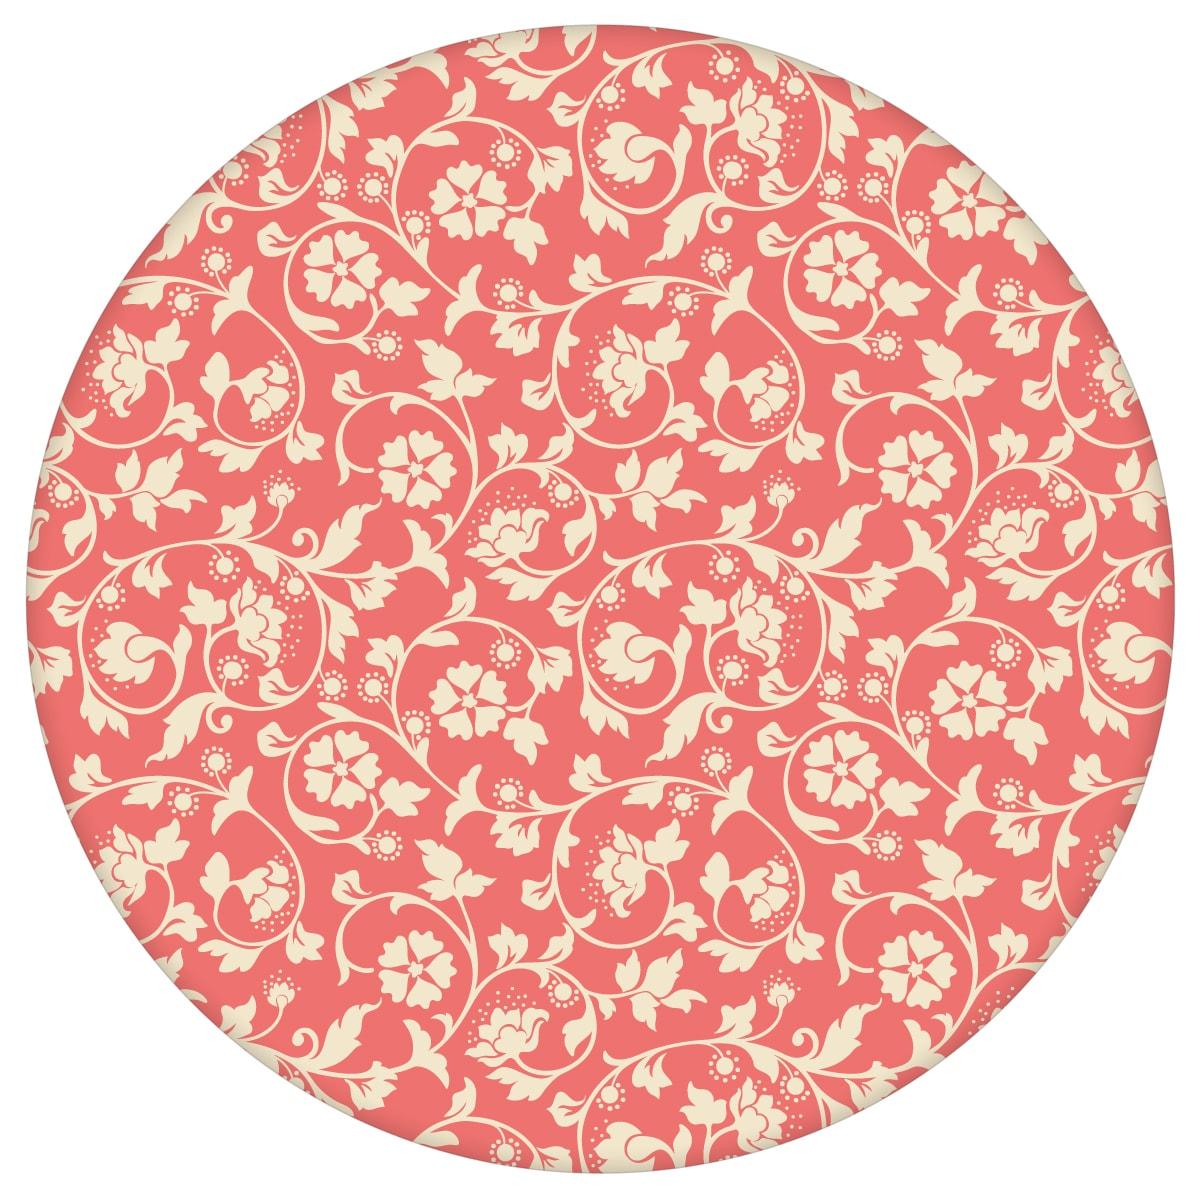 Kemenaten Zauber Ornamenttapete mit Blumen Ranken in rot - Nostalgietapete für Wohnzimmer aus den Tapeten Neuheiten Blumentapeten und Borten als Naturaltouch Luxus Vliestapete oder Basic Vliestapete